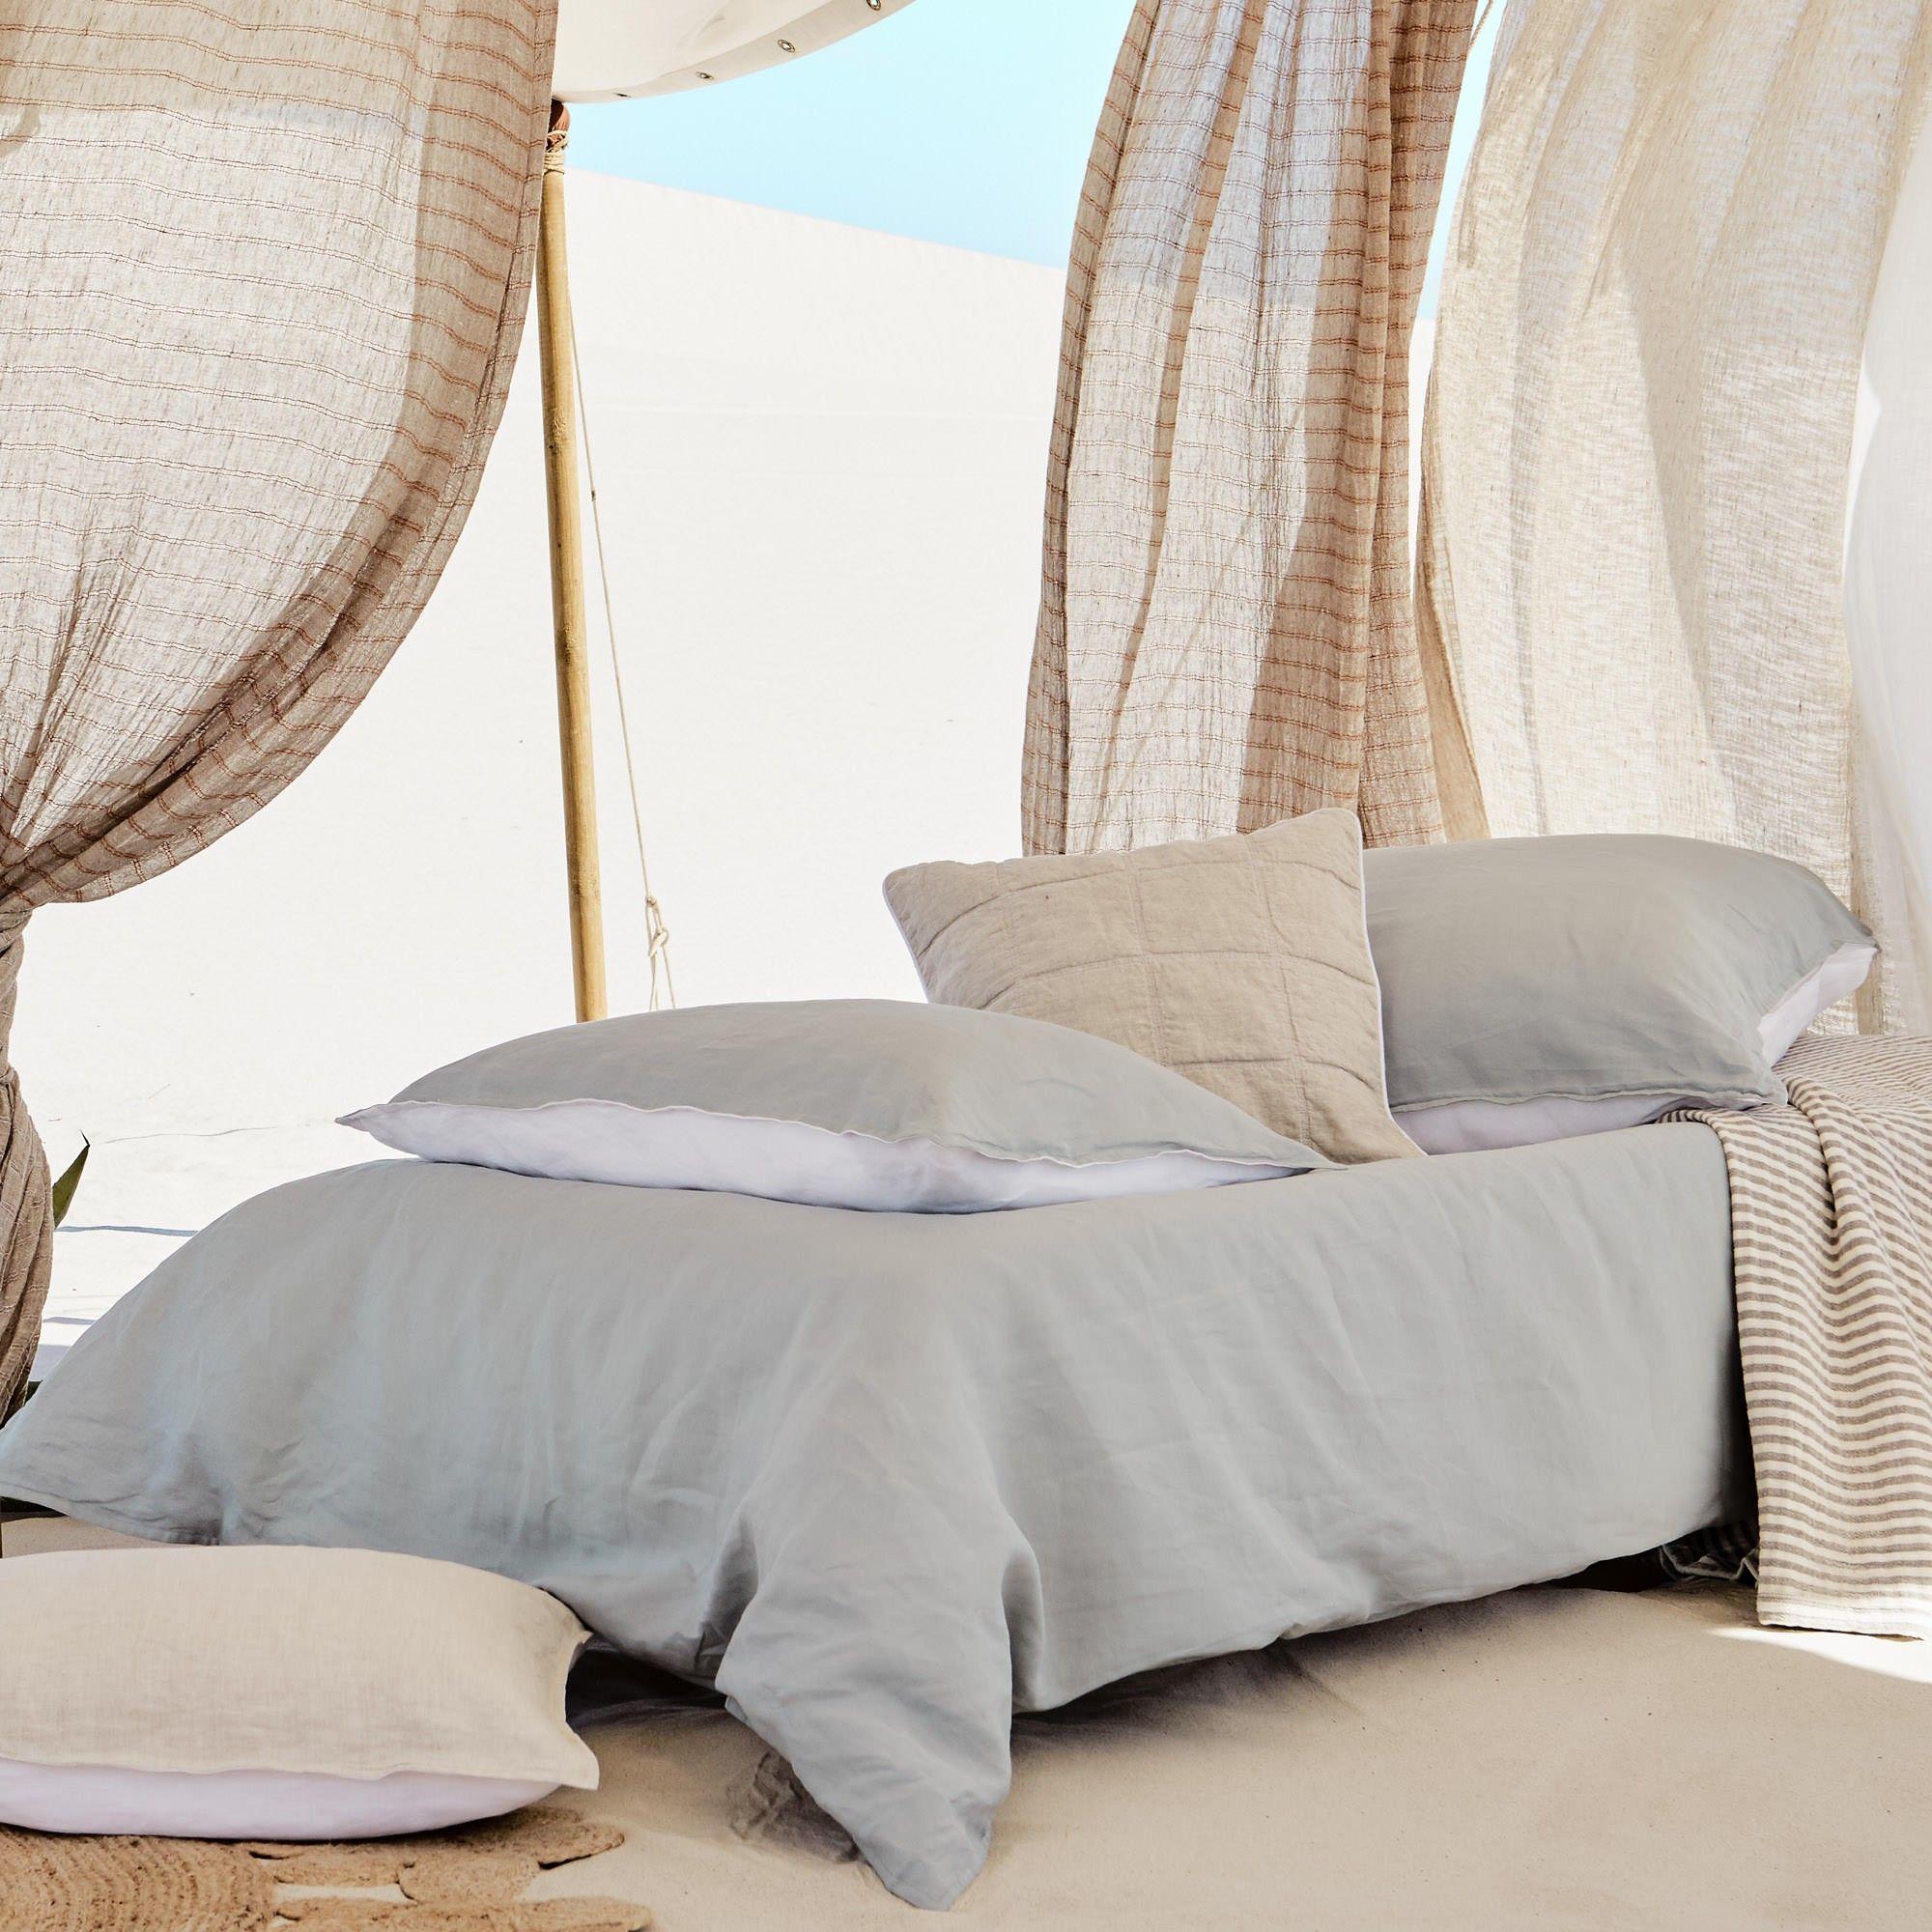 Leinen Bettwasche Cercosa Bettwasche Leinenbettwasche